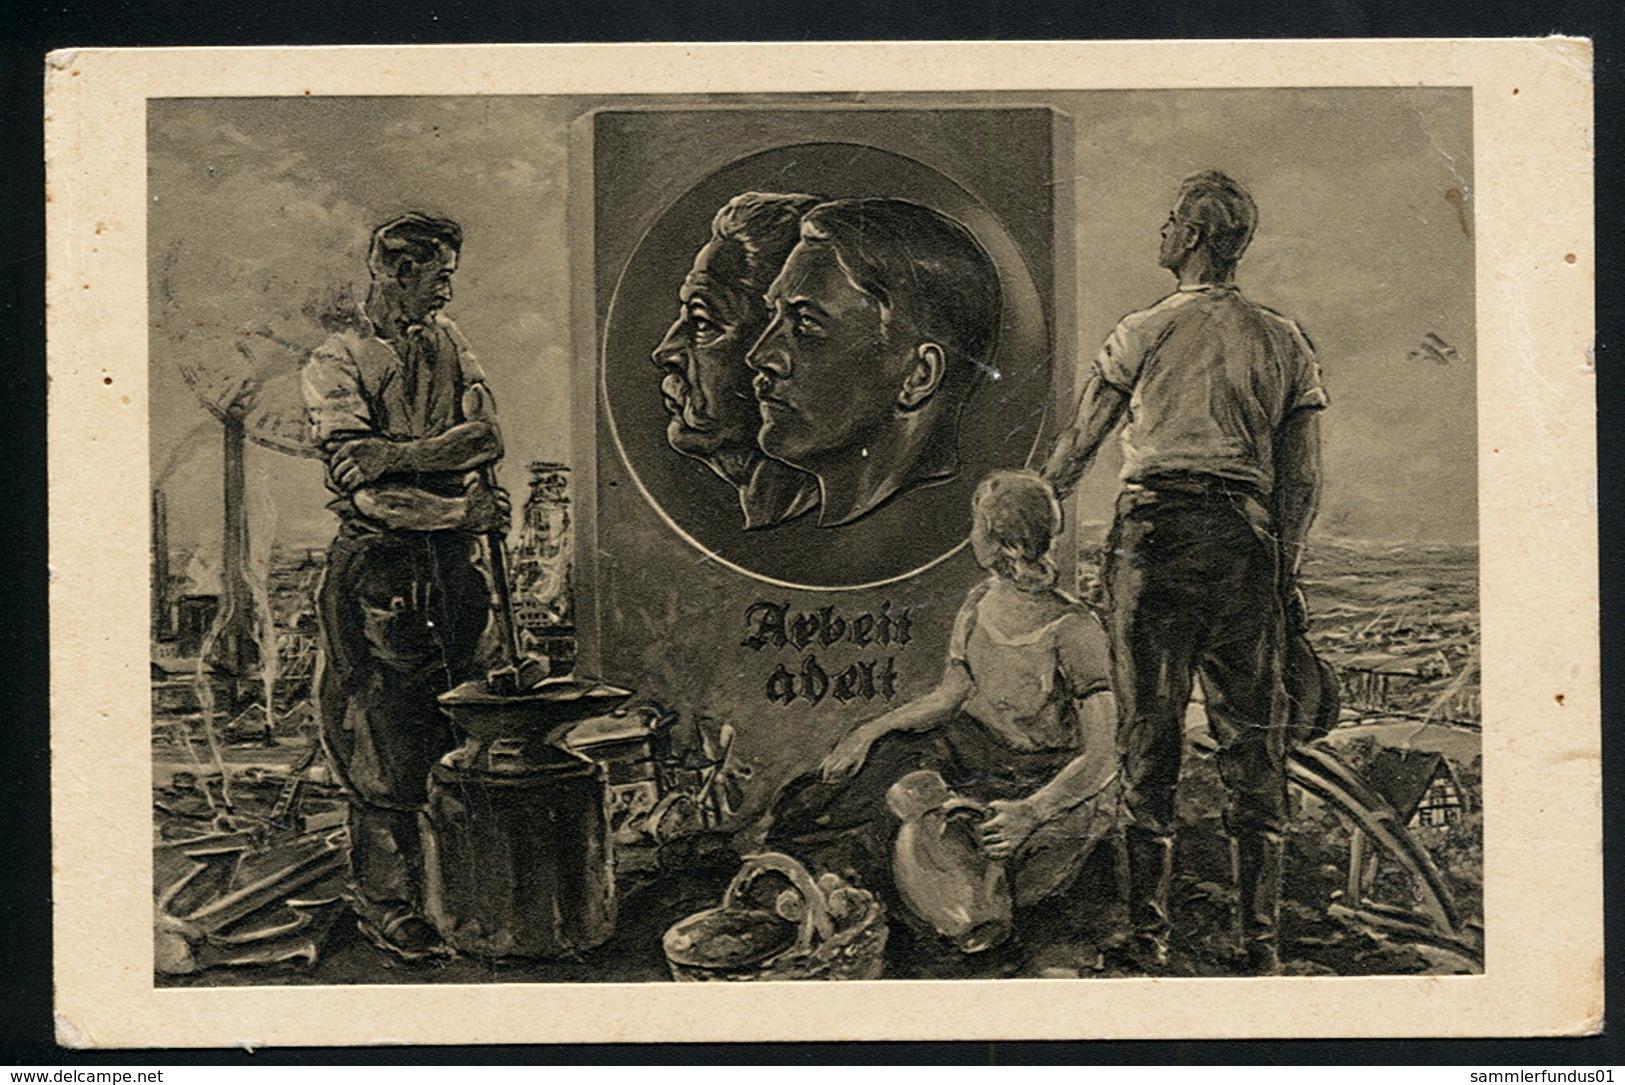 AK/CP Propaganda  Hitler  Nazi    Gel/circ.1936   Erhaltung/Cond. 3  Nr. 00781 - Guerre 1939-45